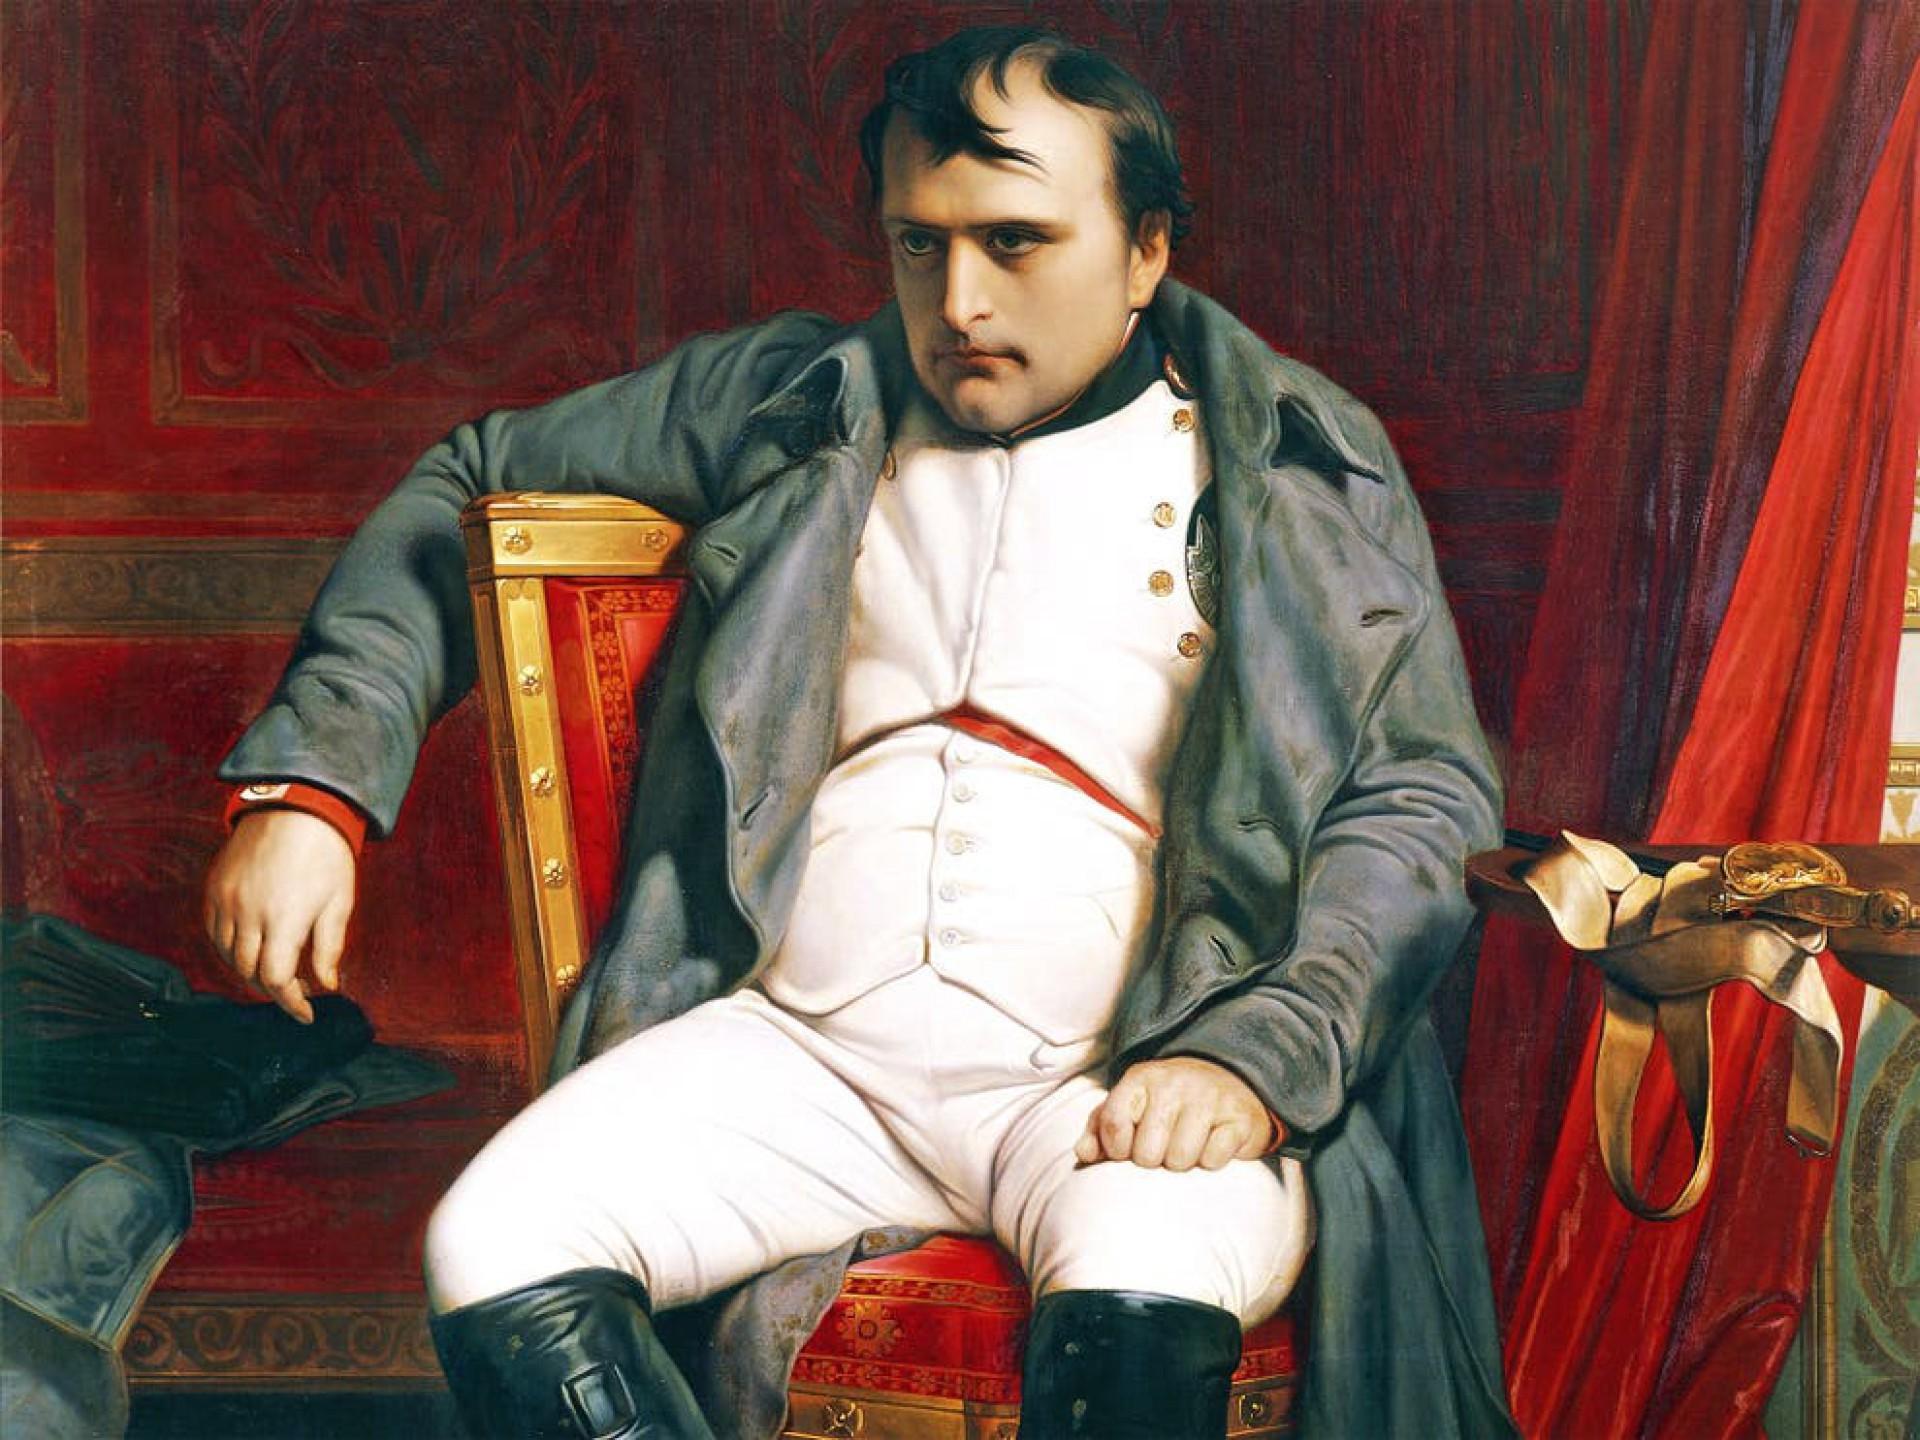 Napoleão em Fontainebleau, onde foi firmado o acordo que reconheceu a abdicação e o exilou na ilha de Elba, no Mar Mediterrâneo, em 11 de abril de 1814